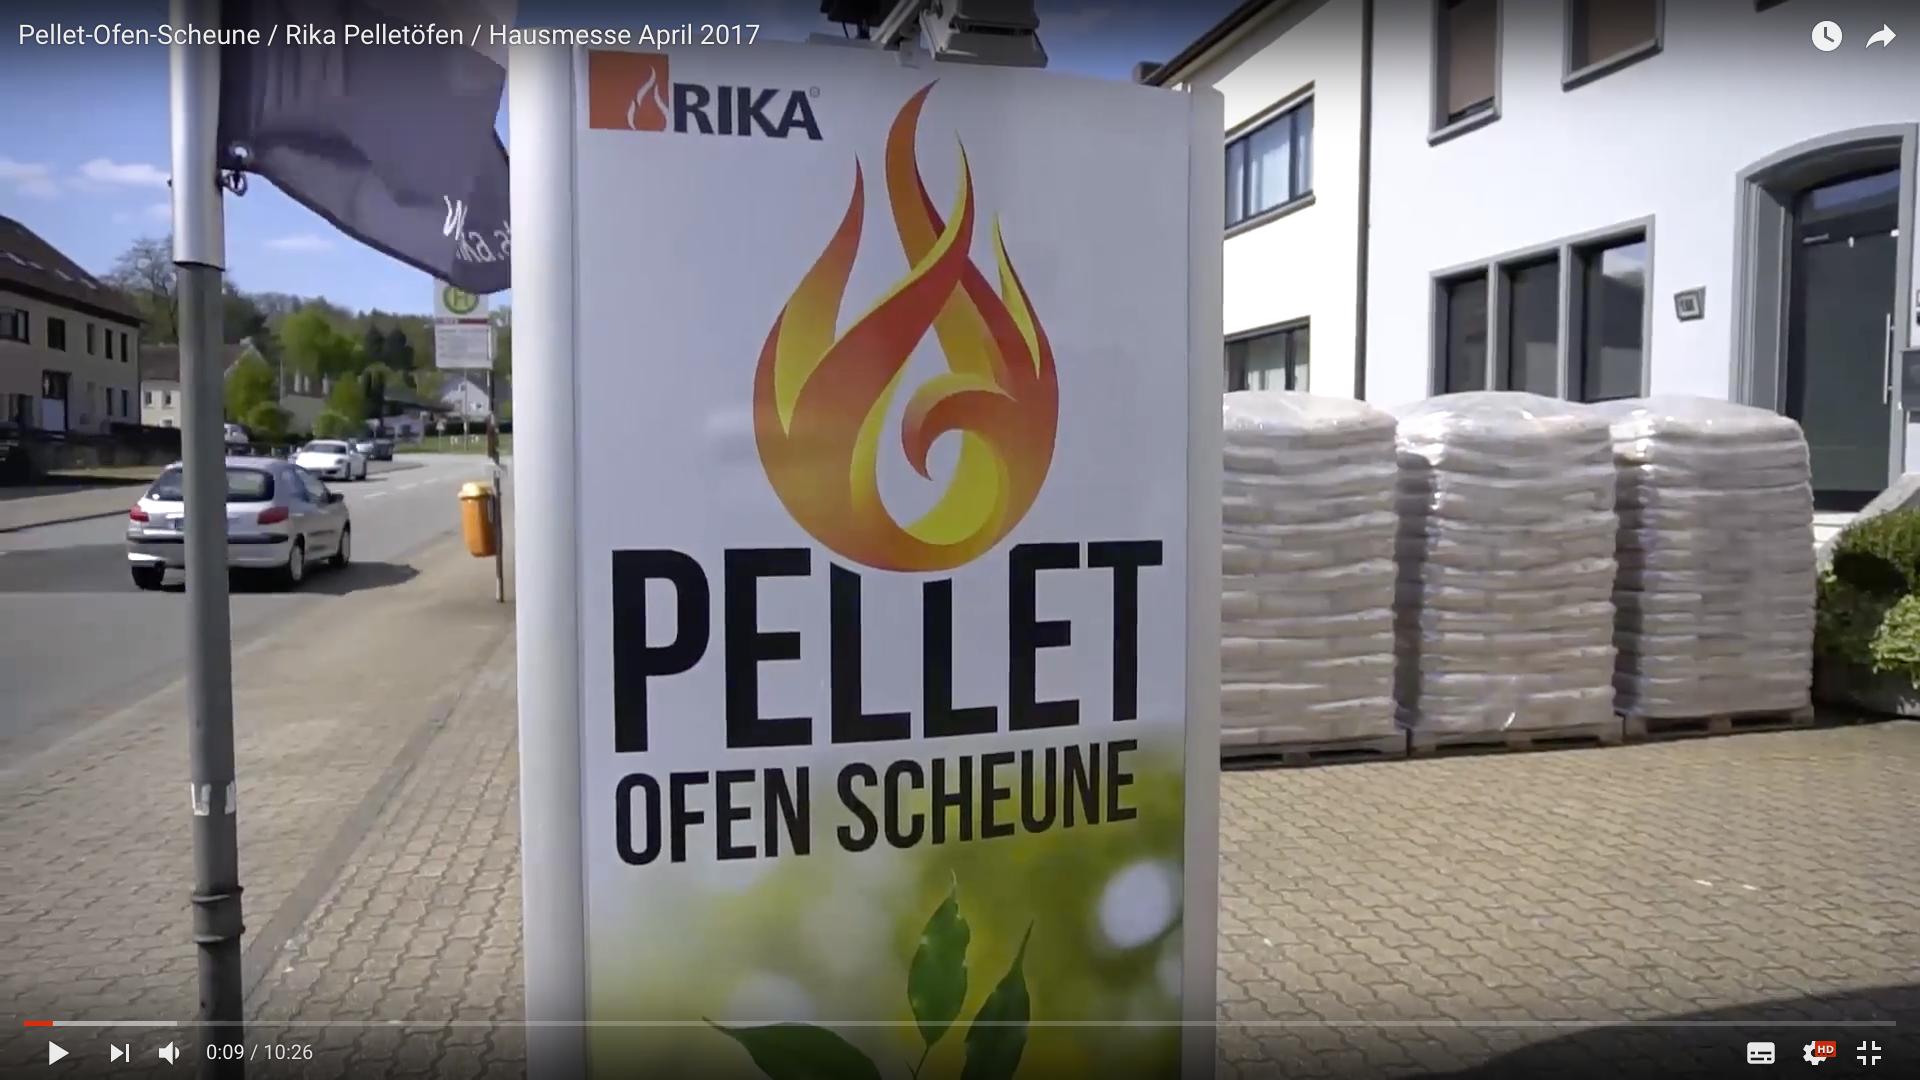 2017 Pellet-Ofen-Scheune : Rika Pelletöfen : Hausmesse Pellet-Ofen-Scheune_MSM_MEDIEN_SAAR_MOSEL_SAARLAND_FERNSEHEN_1_ED_SAAR